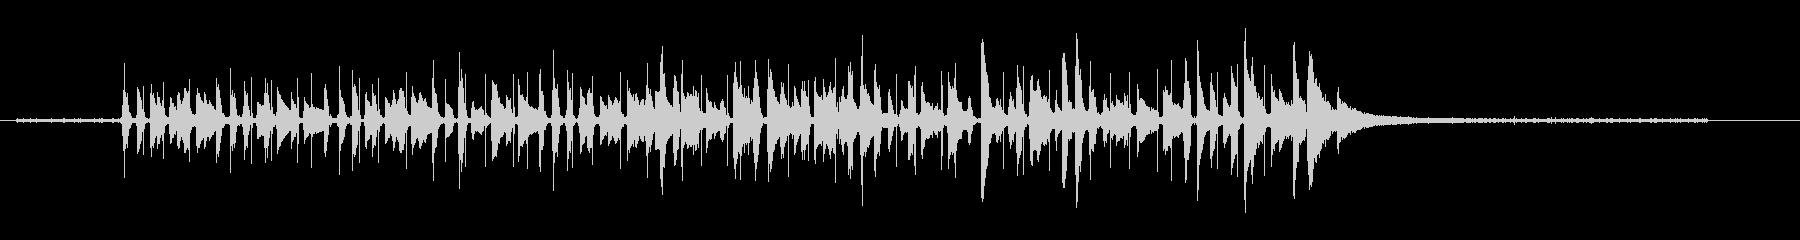 Interludeの未再生の波形